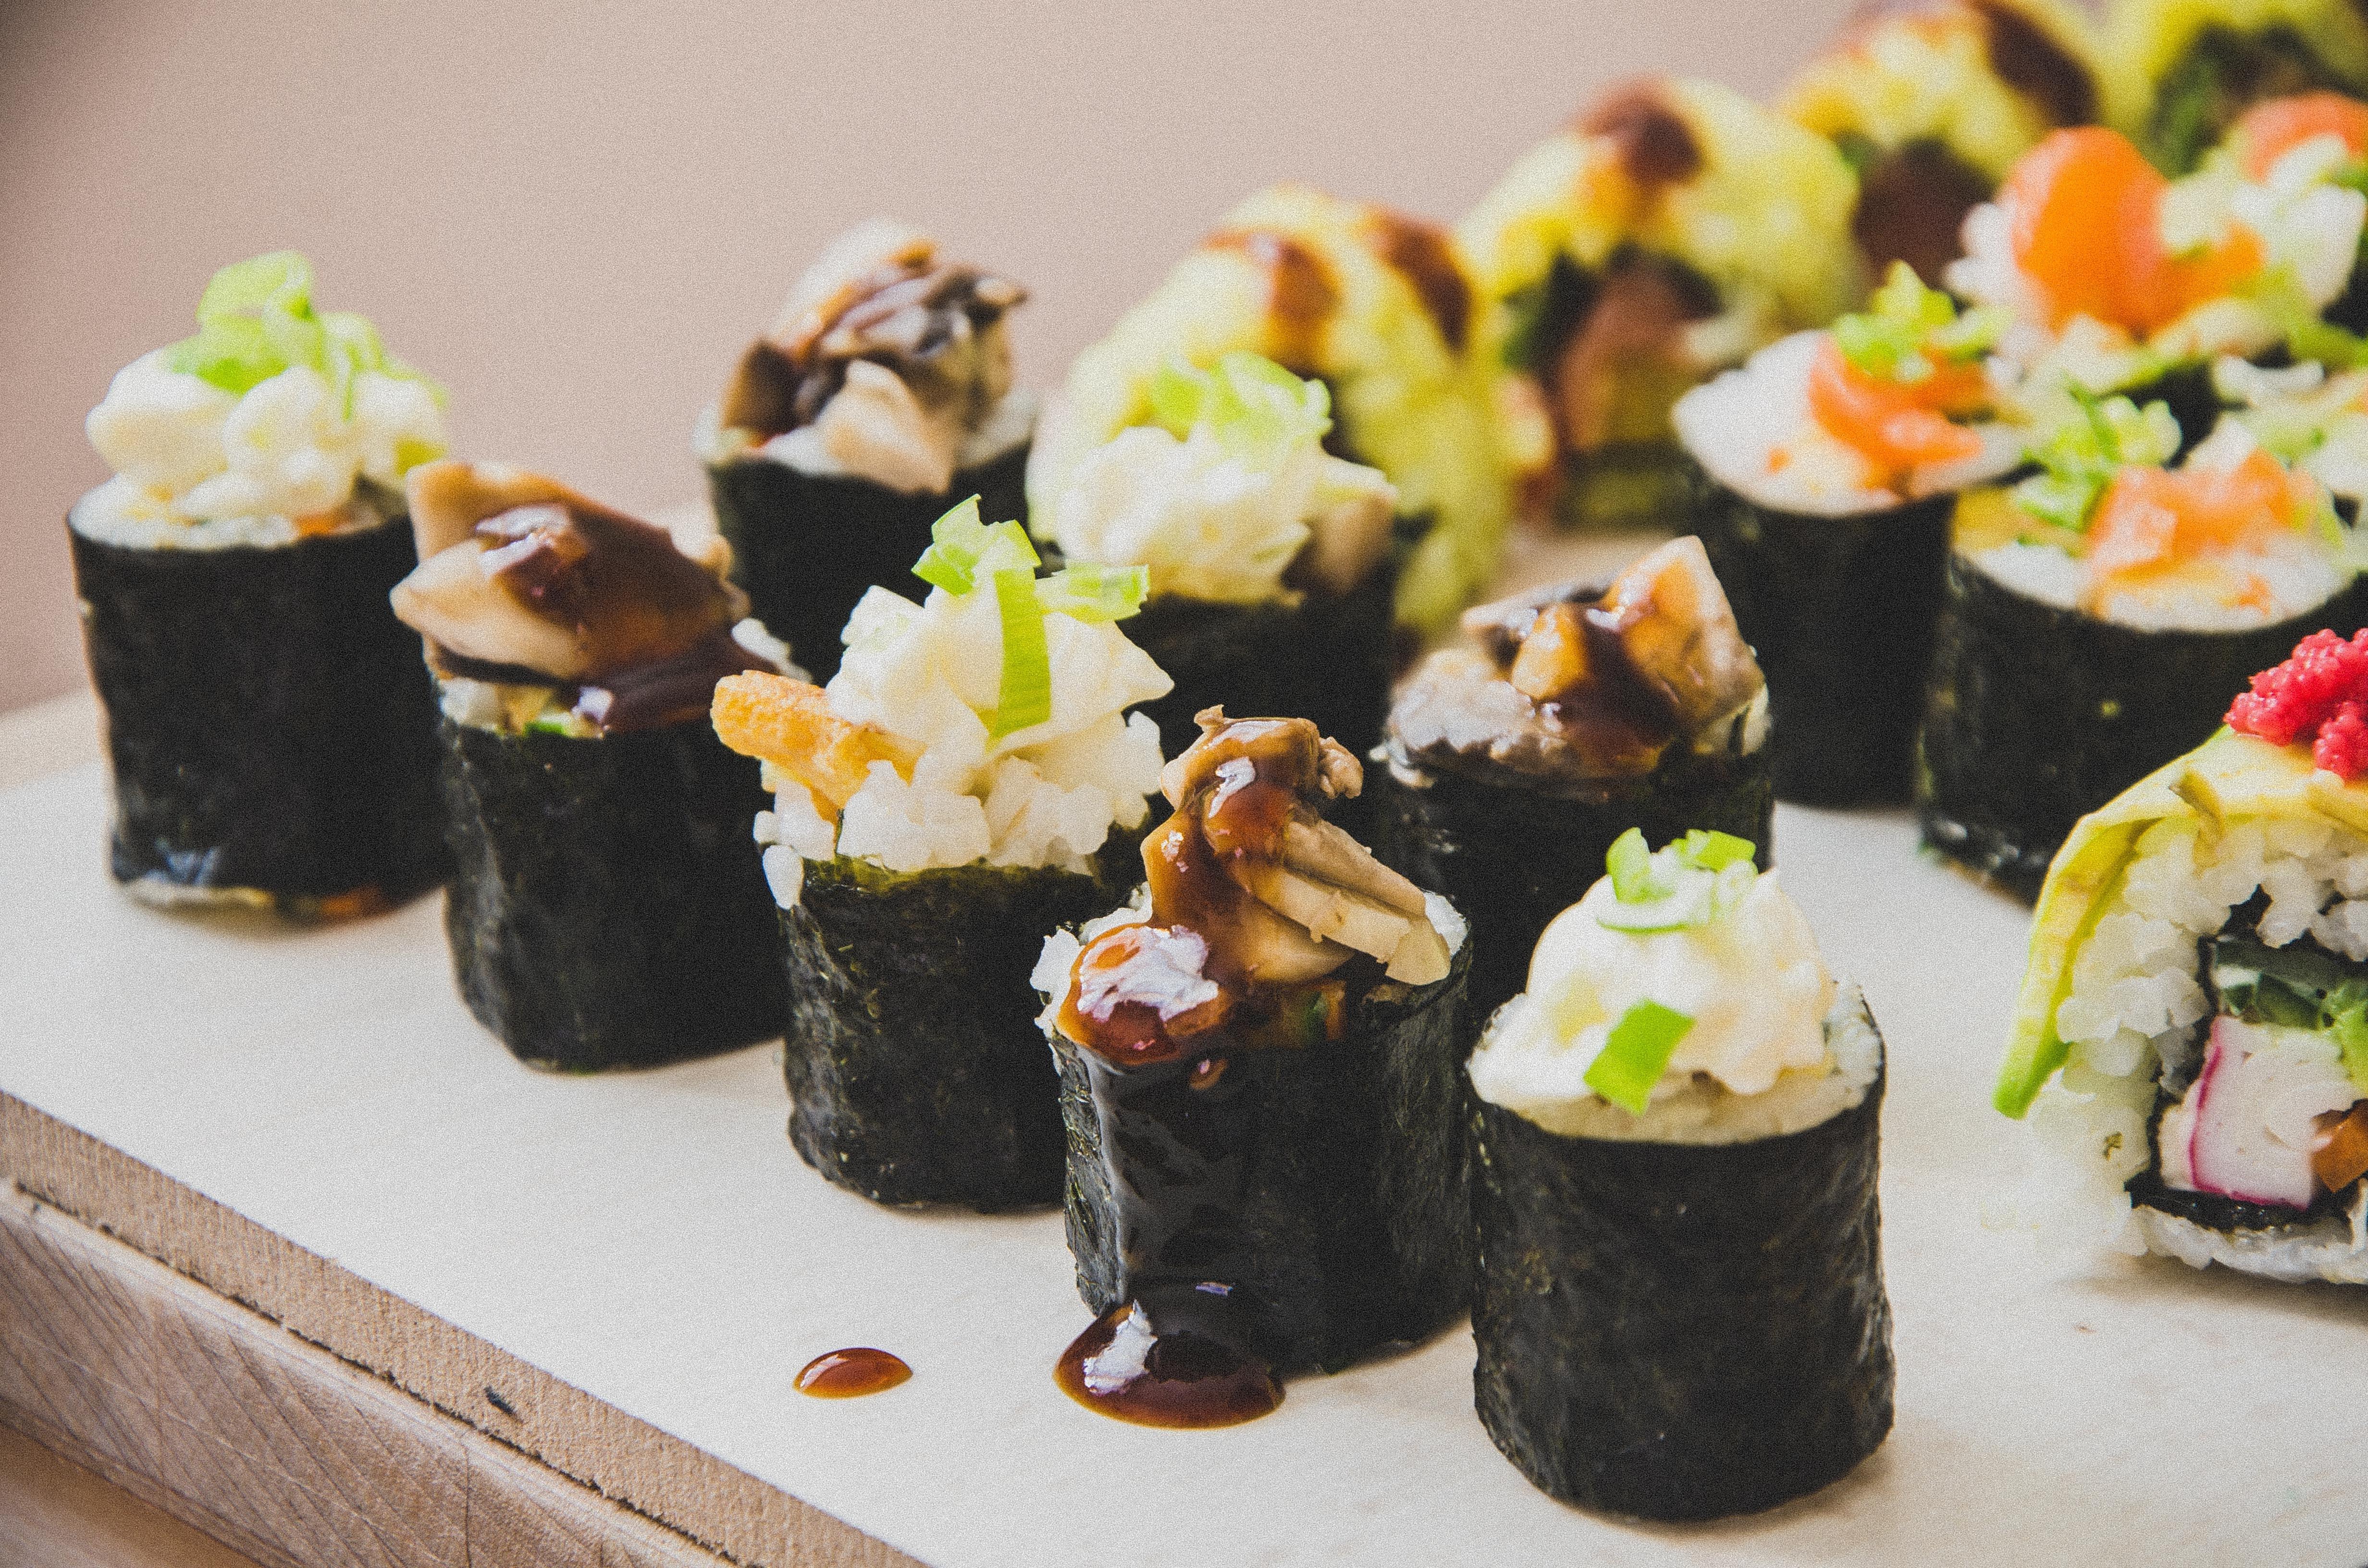 plato comida comida algas marinas cocina arroz comida asitica sushi hors d oeuvre cocina japonesa gimbap